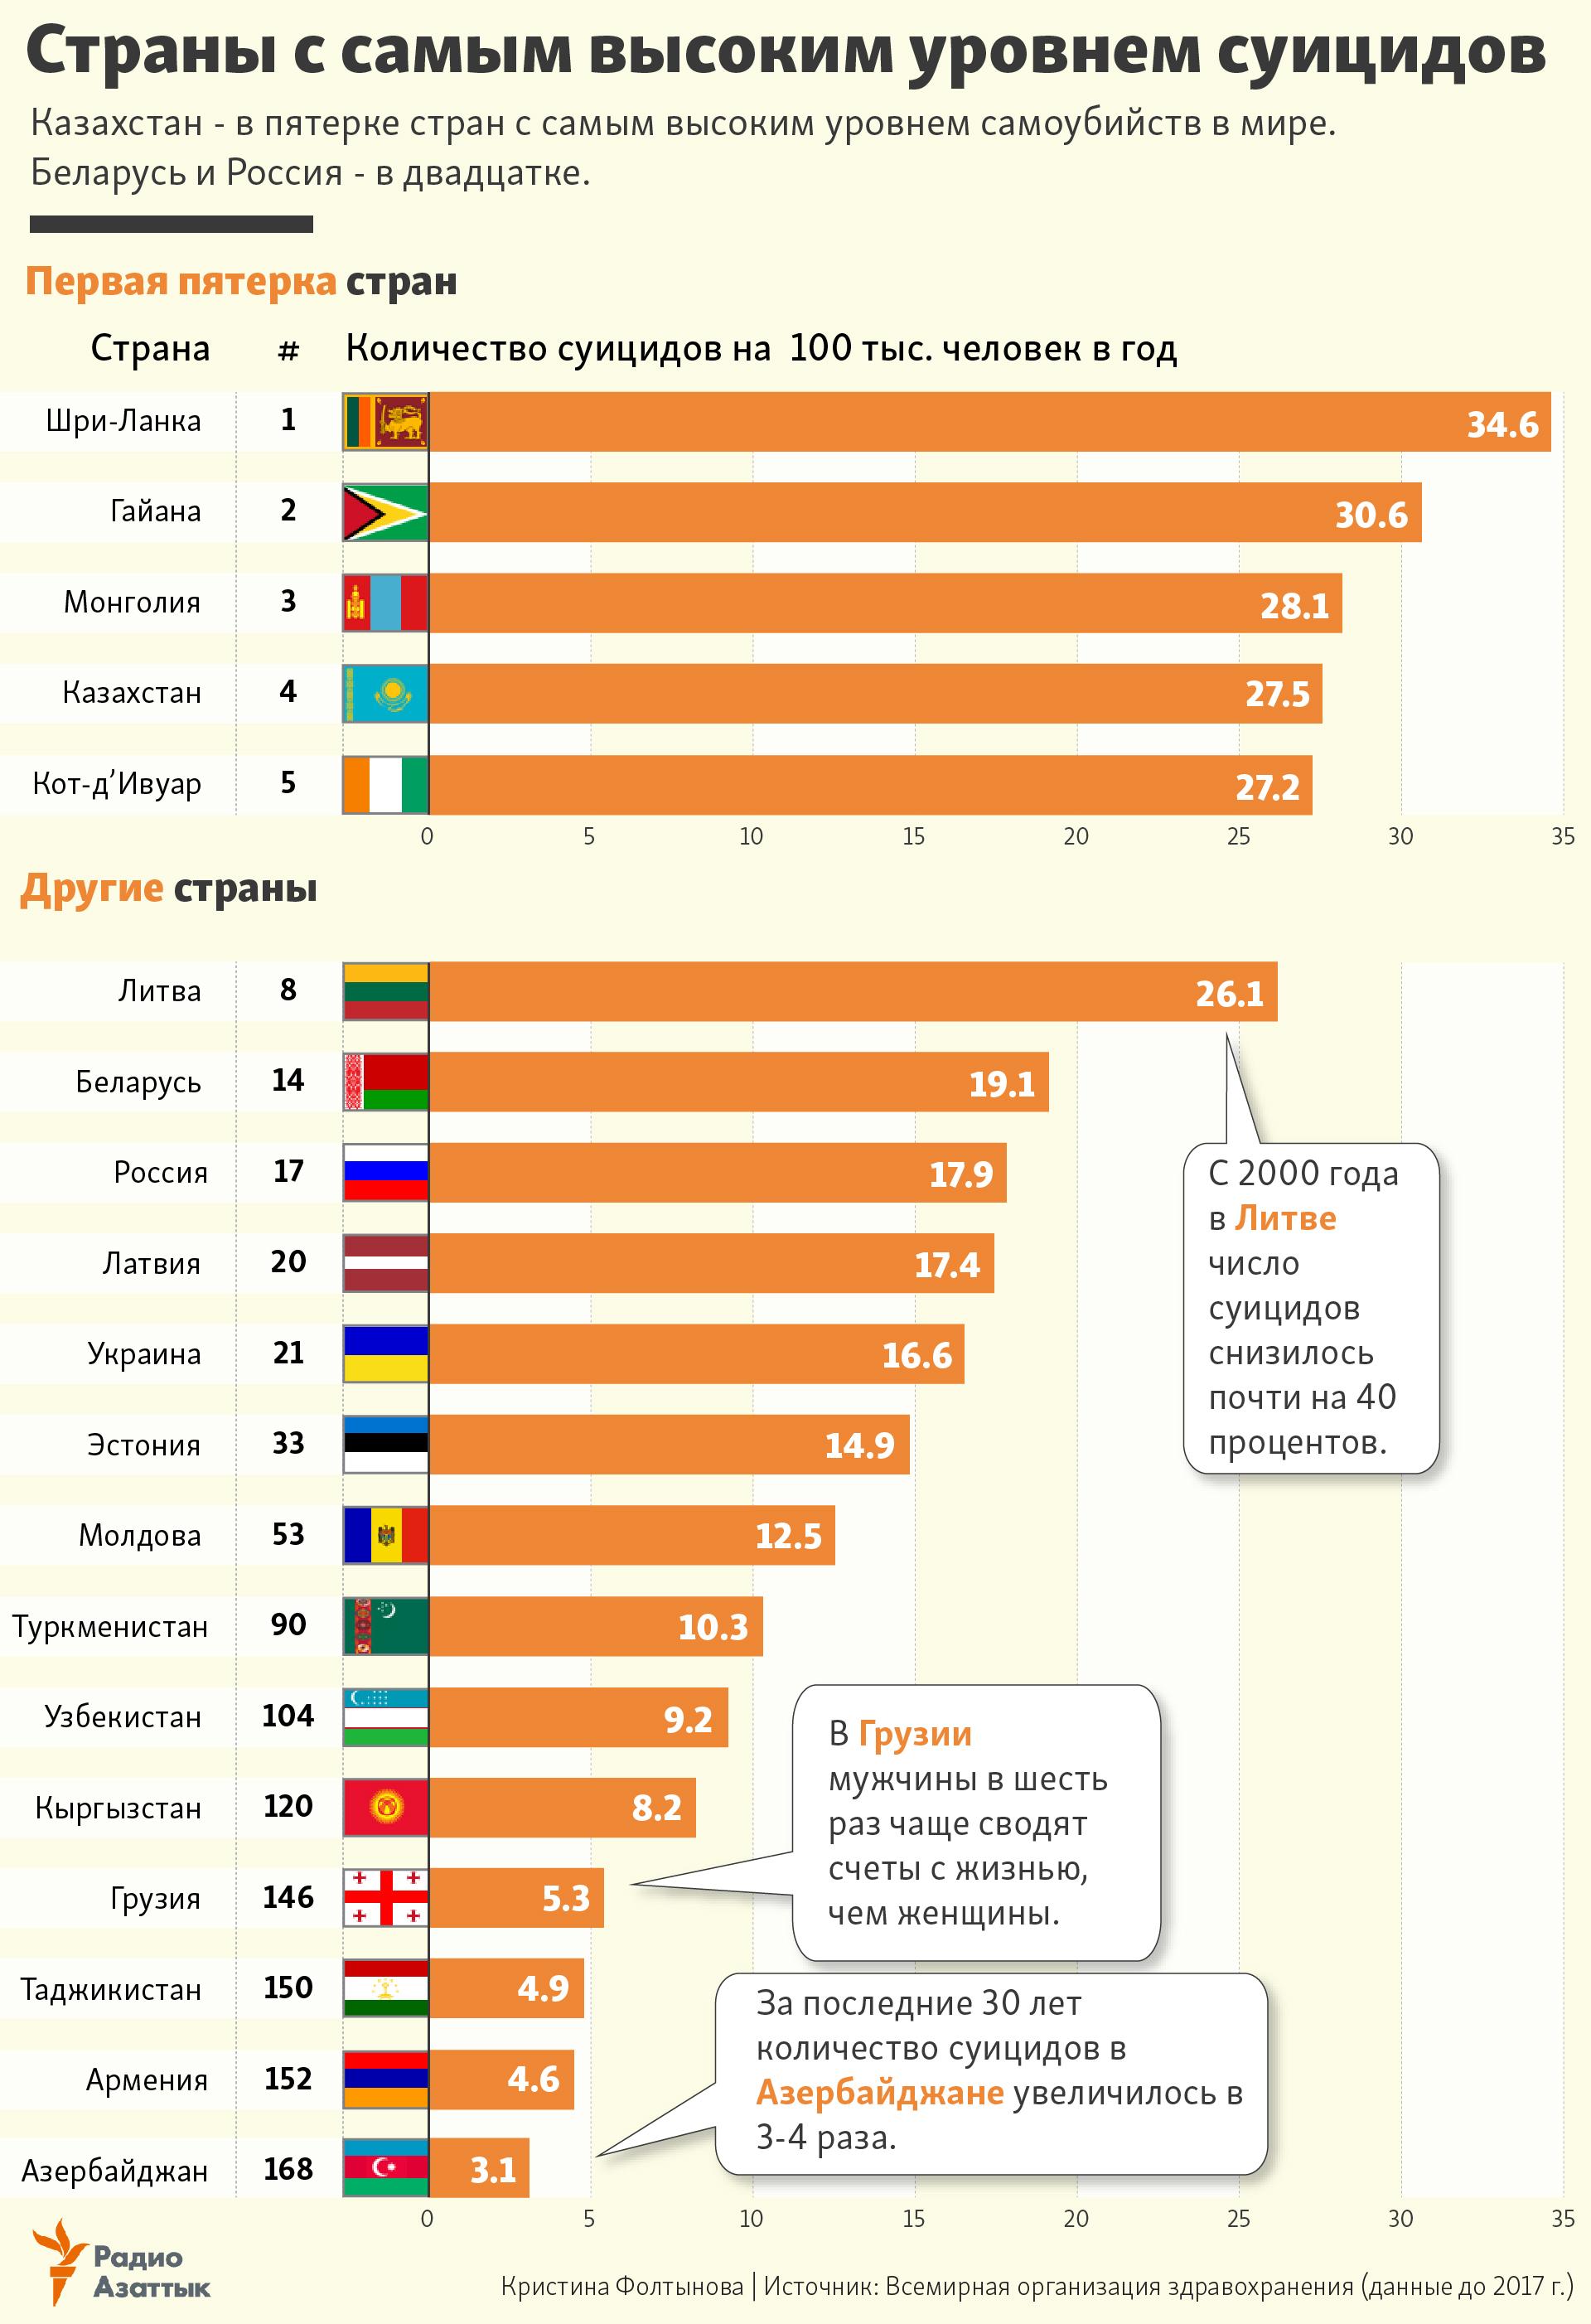 какая страна занимает 1 место по суициду быстрый займ наличными по паспорту 24 часа